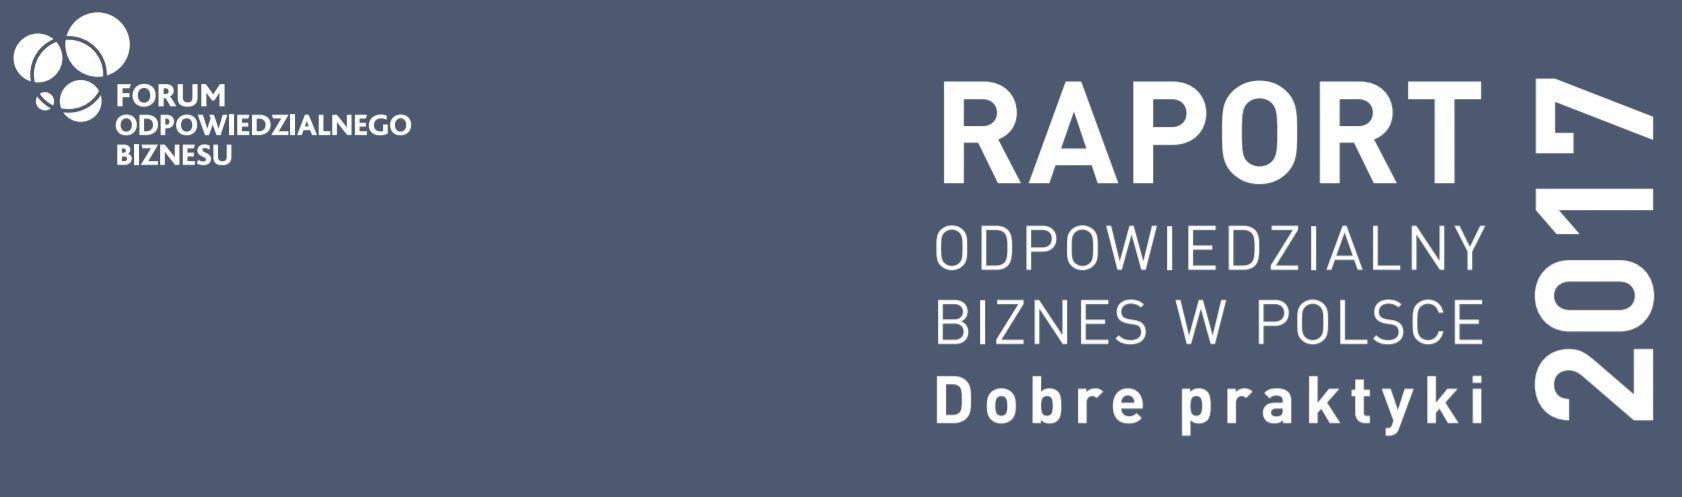 Czy polskie firmy są zaangażowane społecznie? Najnowszy raport Forum Odpowiedzialnego Biznesu